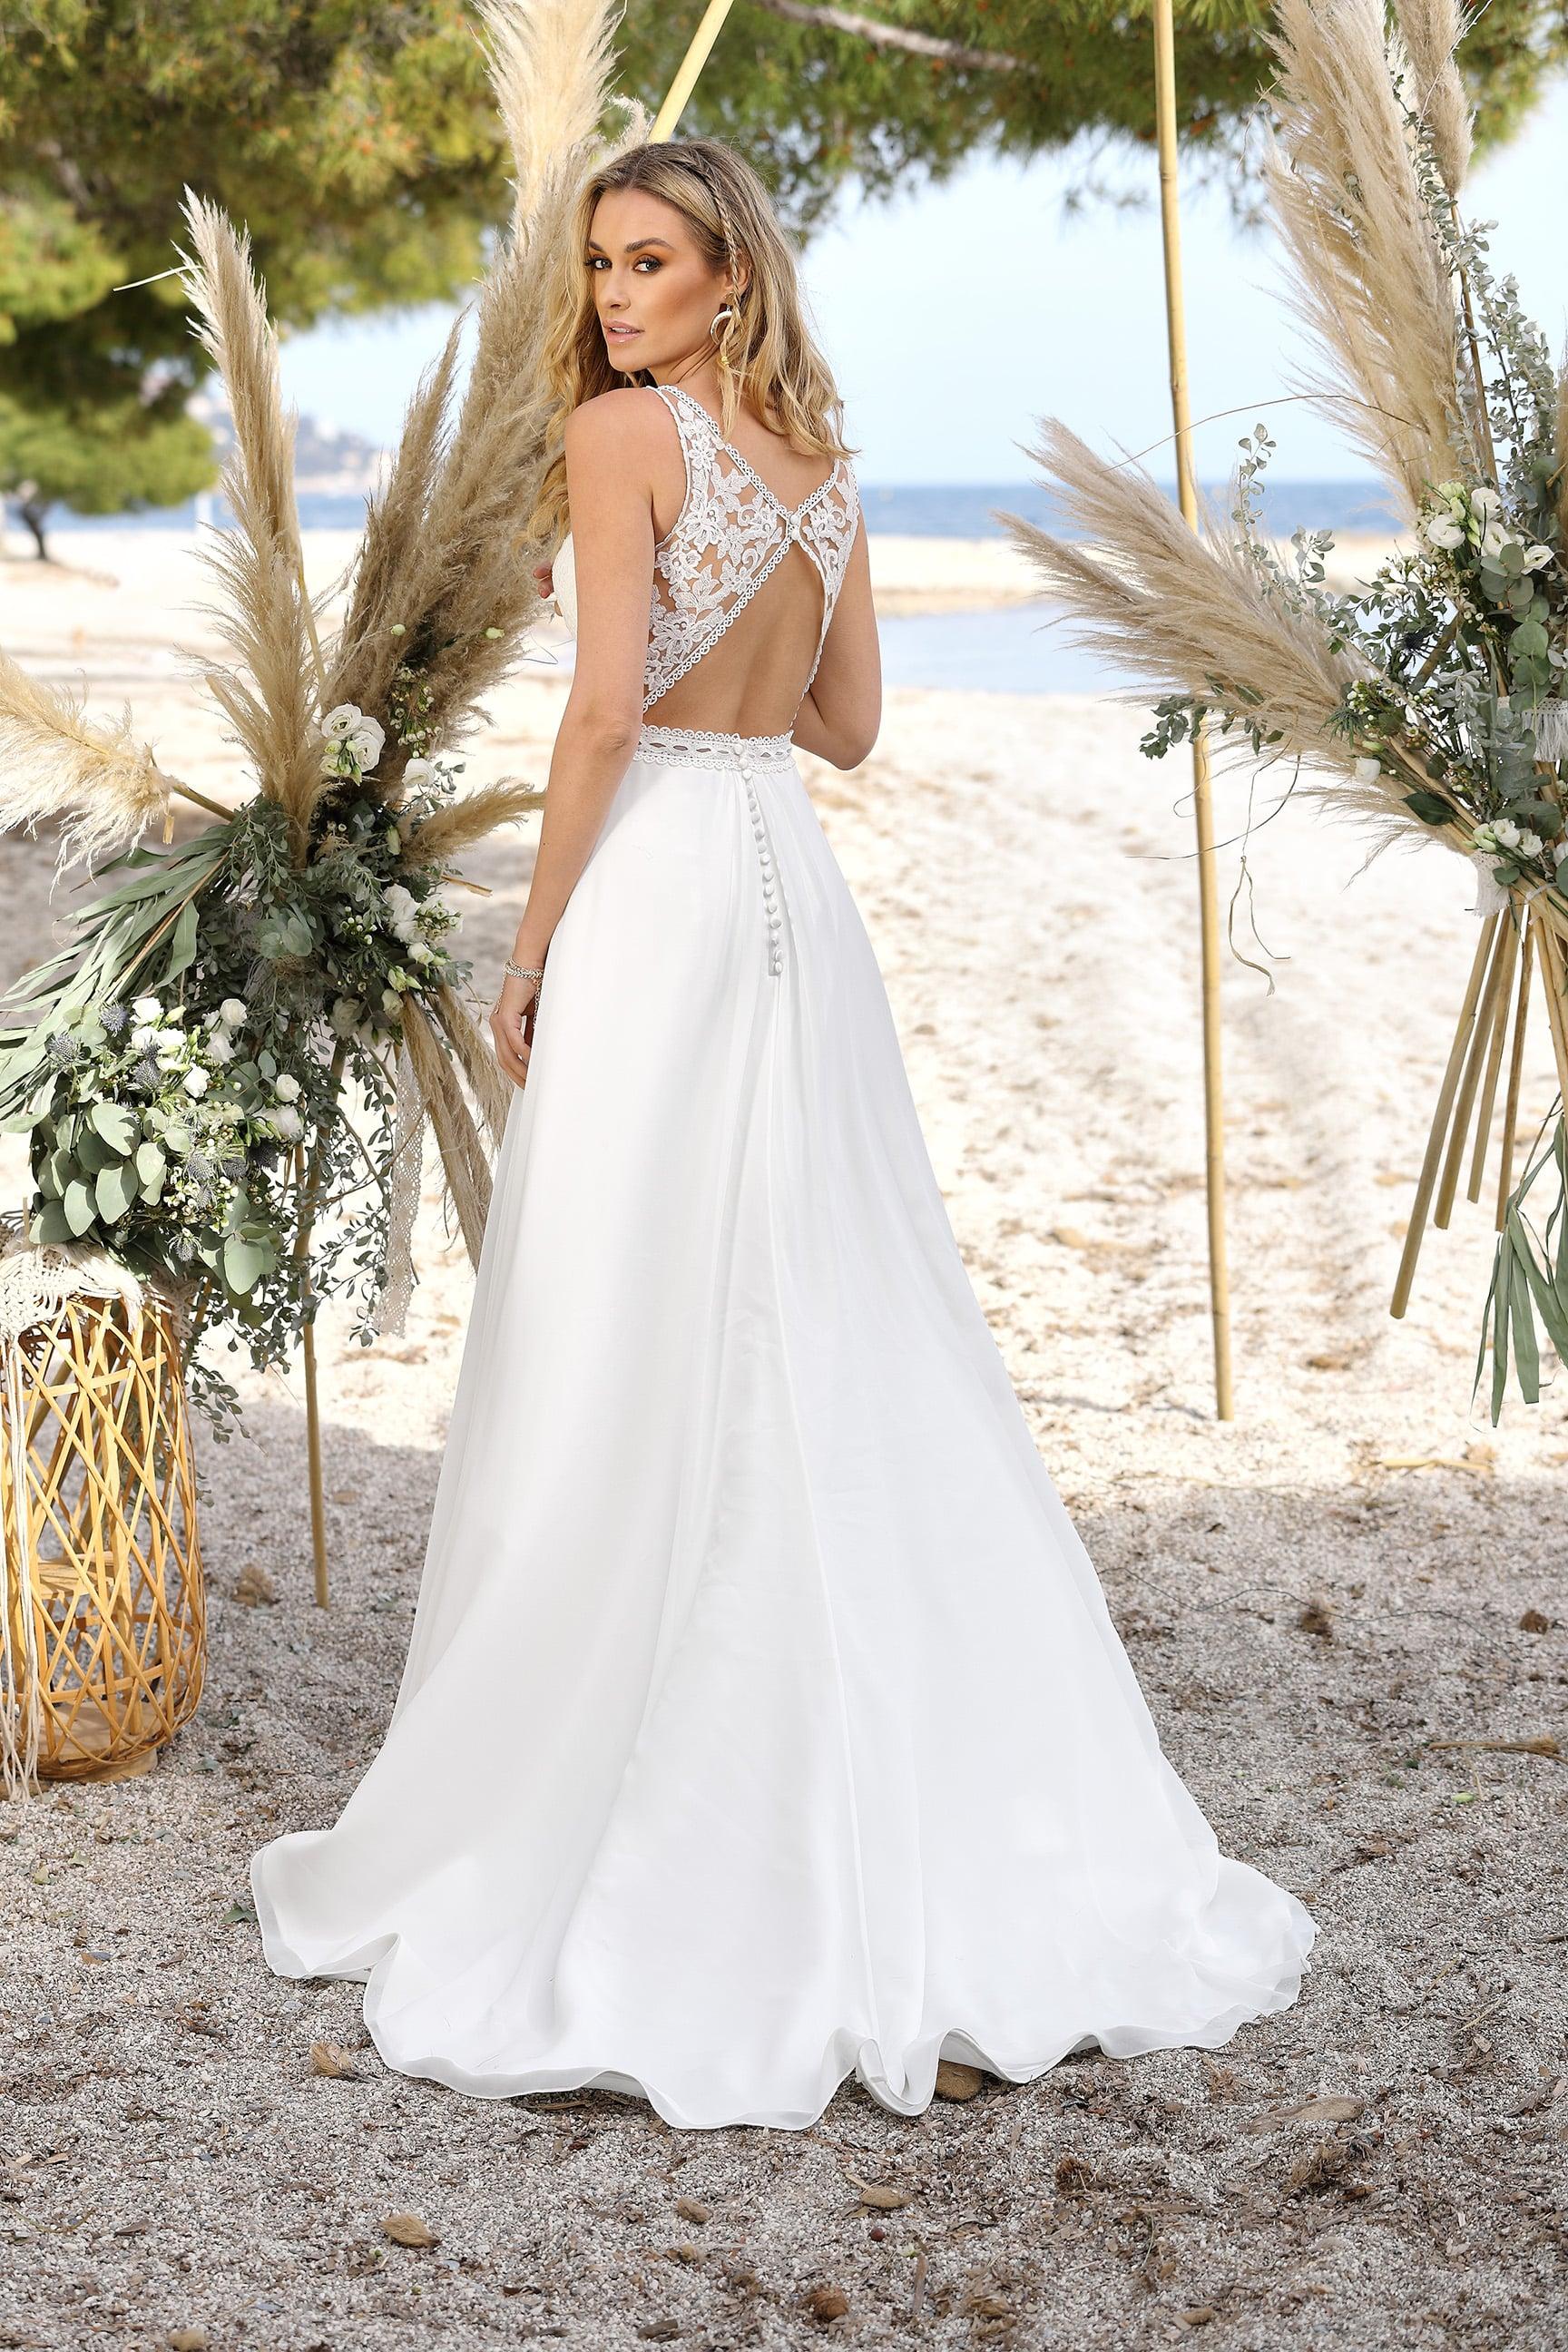 Das gilt es bei der Suche nach dem Brautkleid zu beachten - Frau